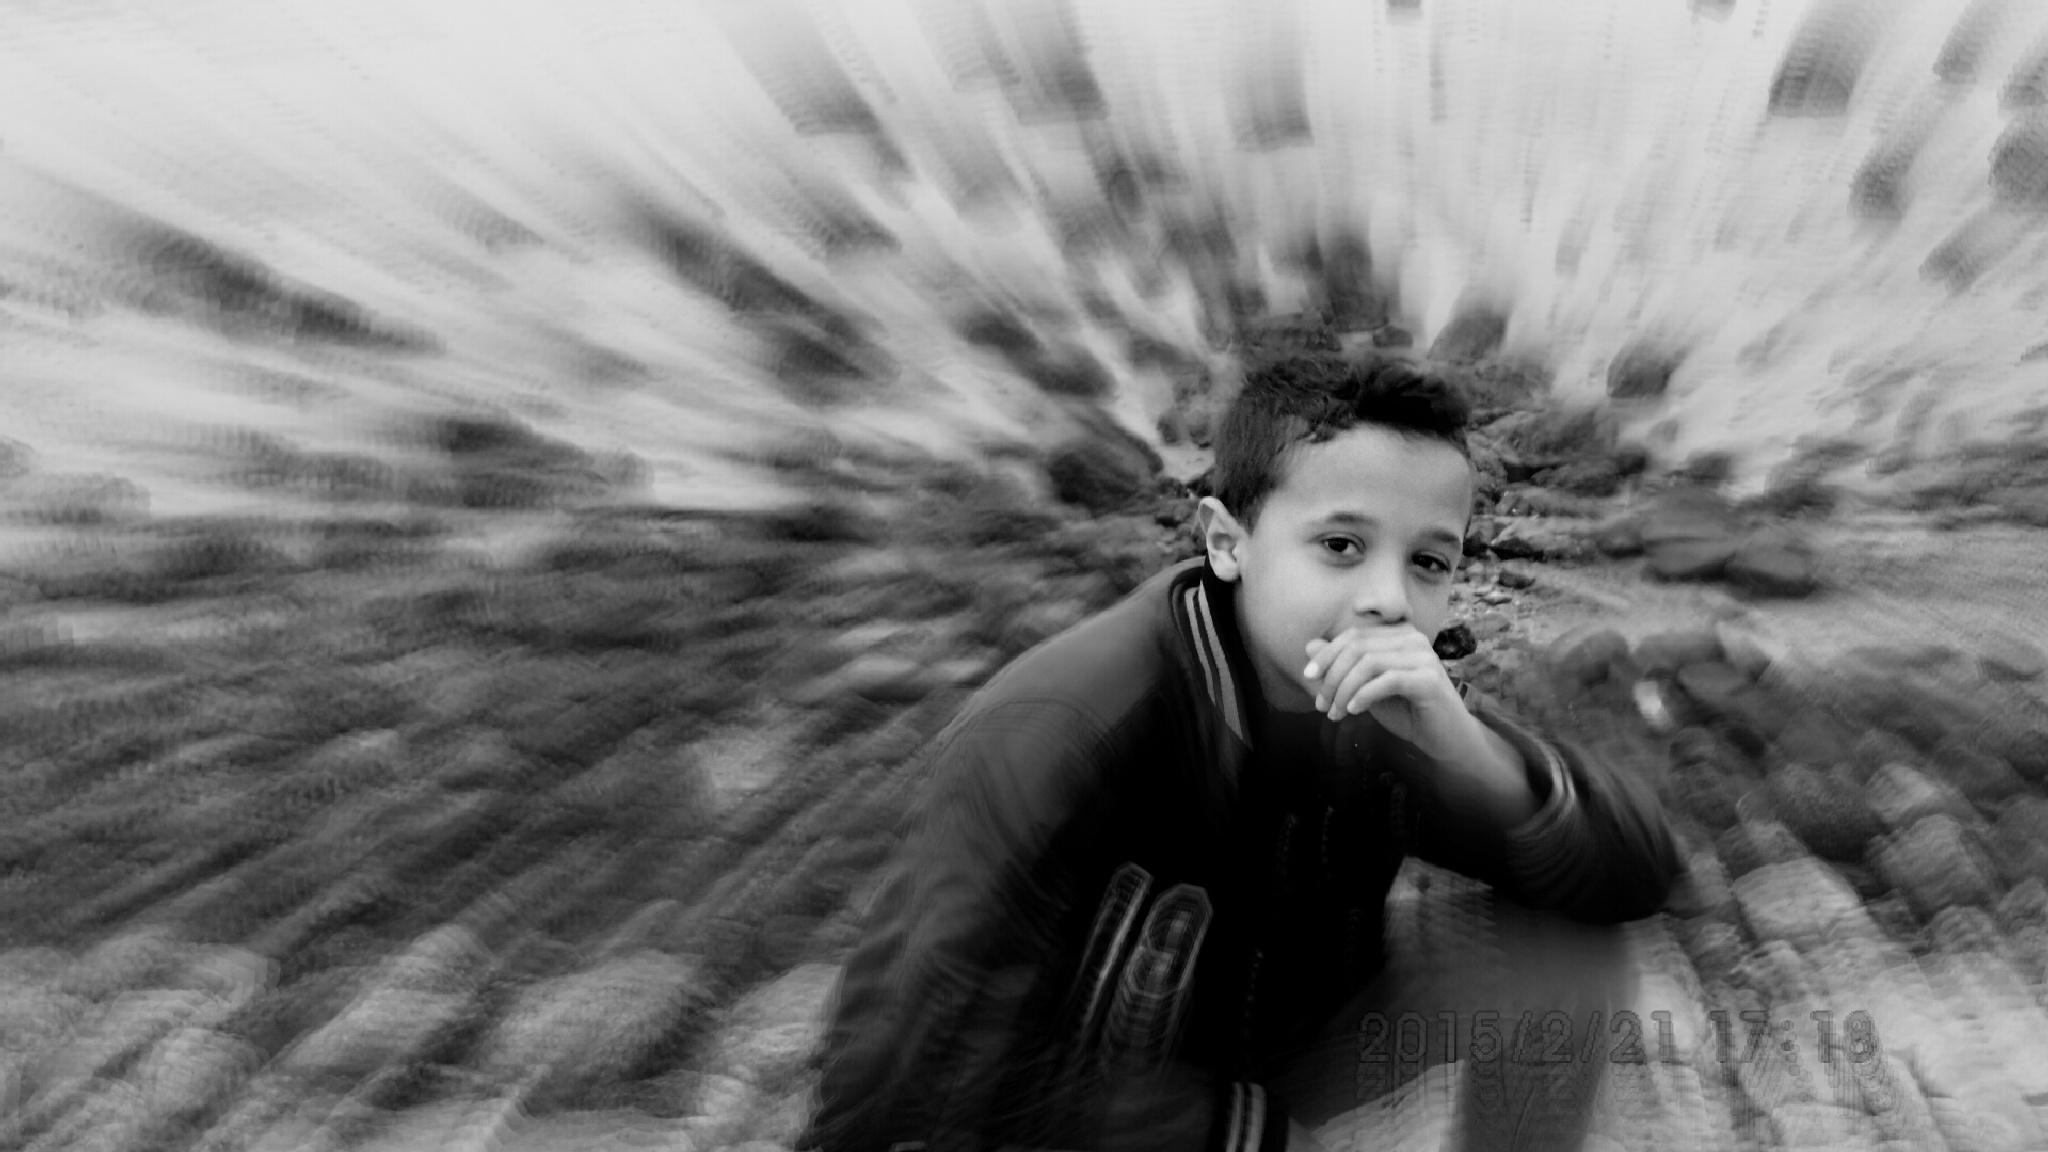 Untitled by Nasser Besta